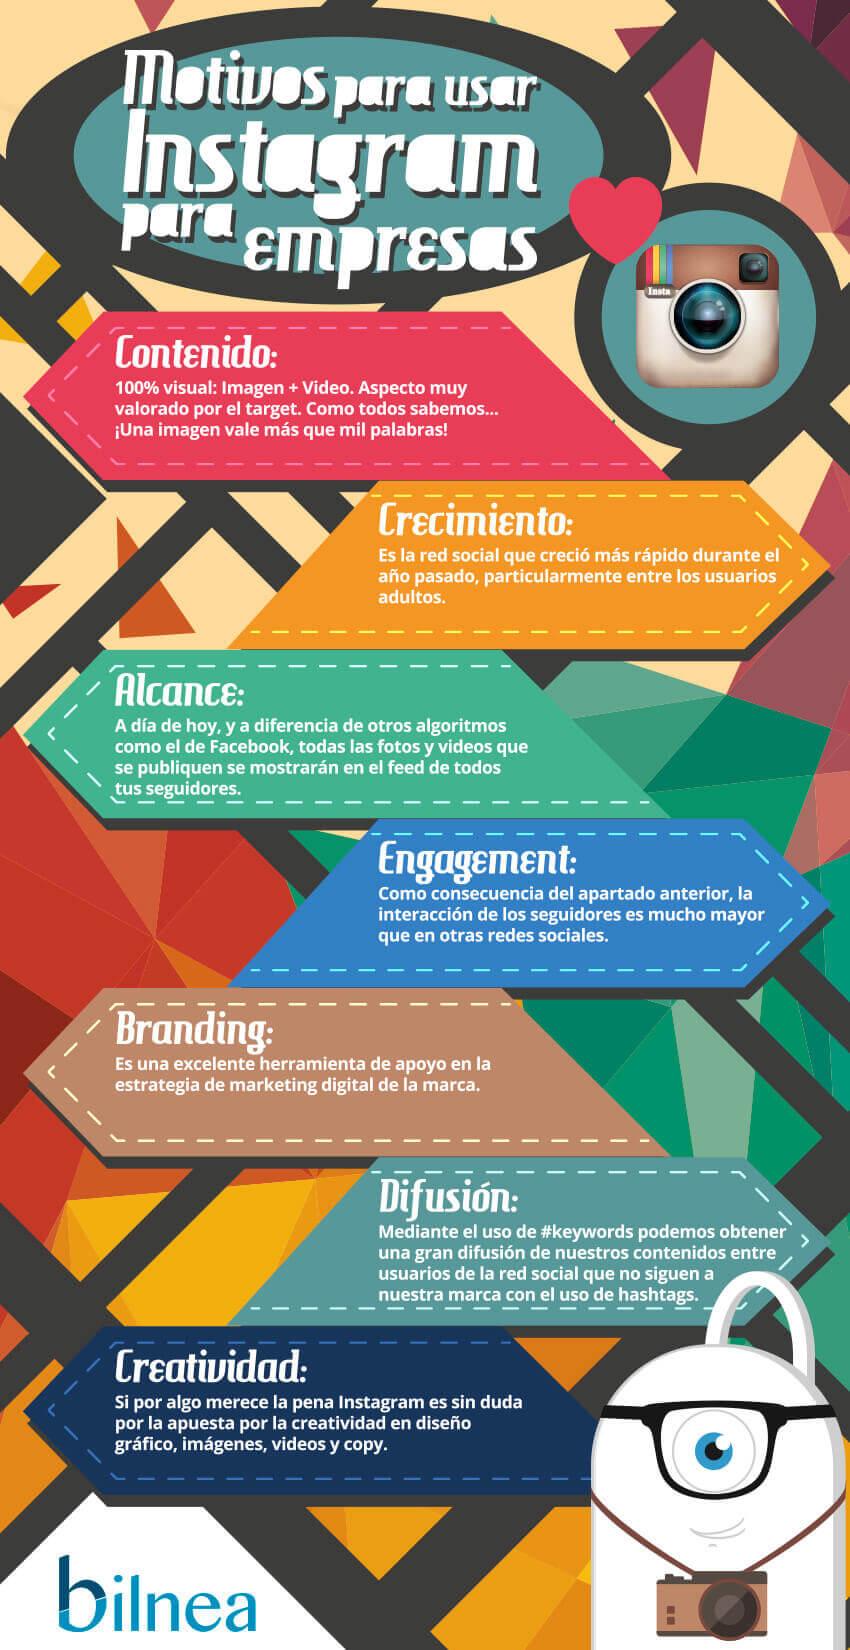 Motivos-Usar-Instagram-Infografia